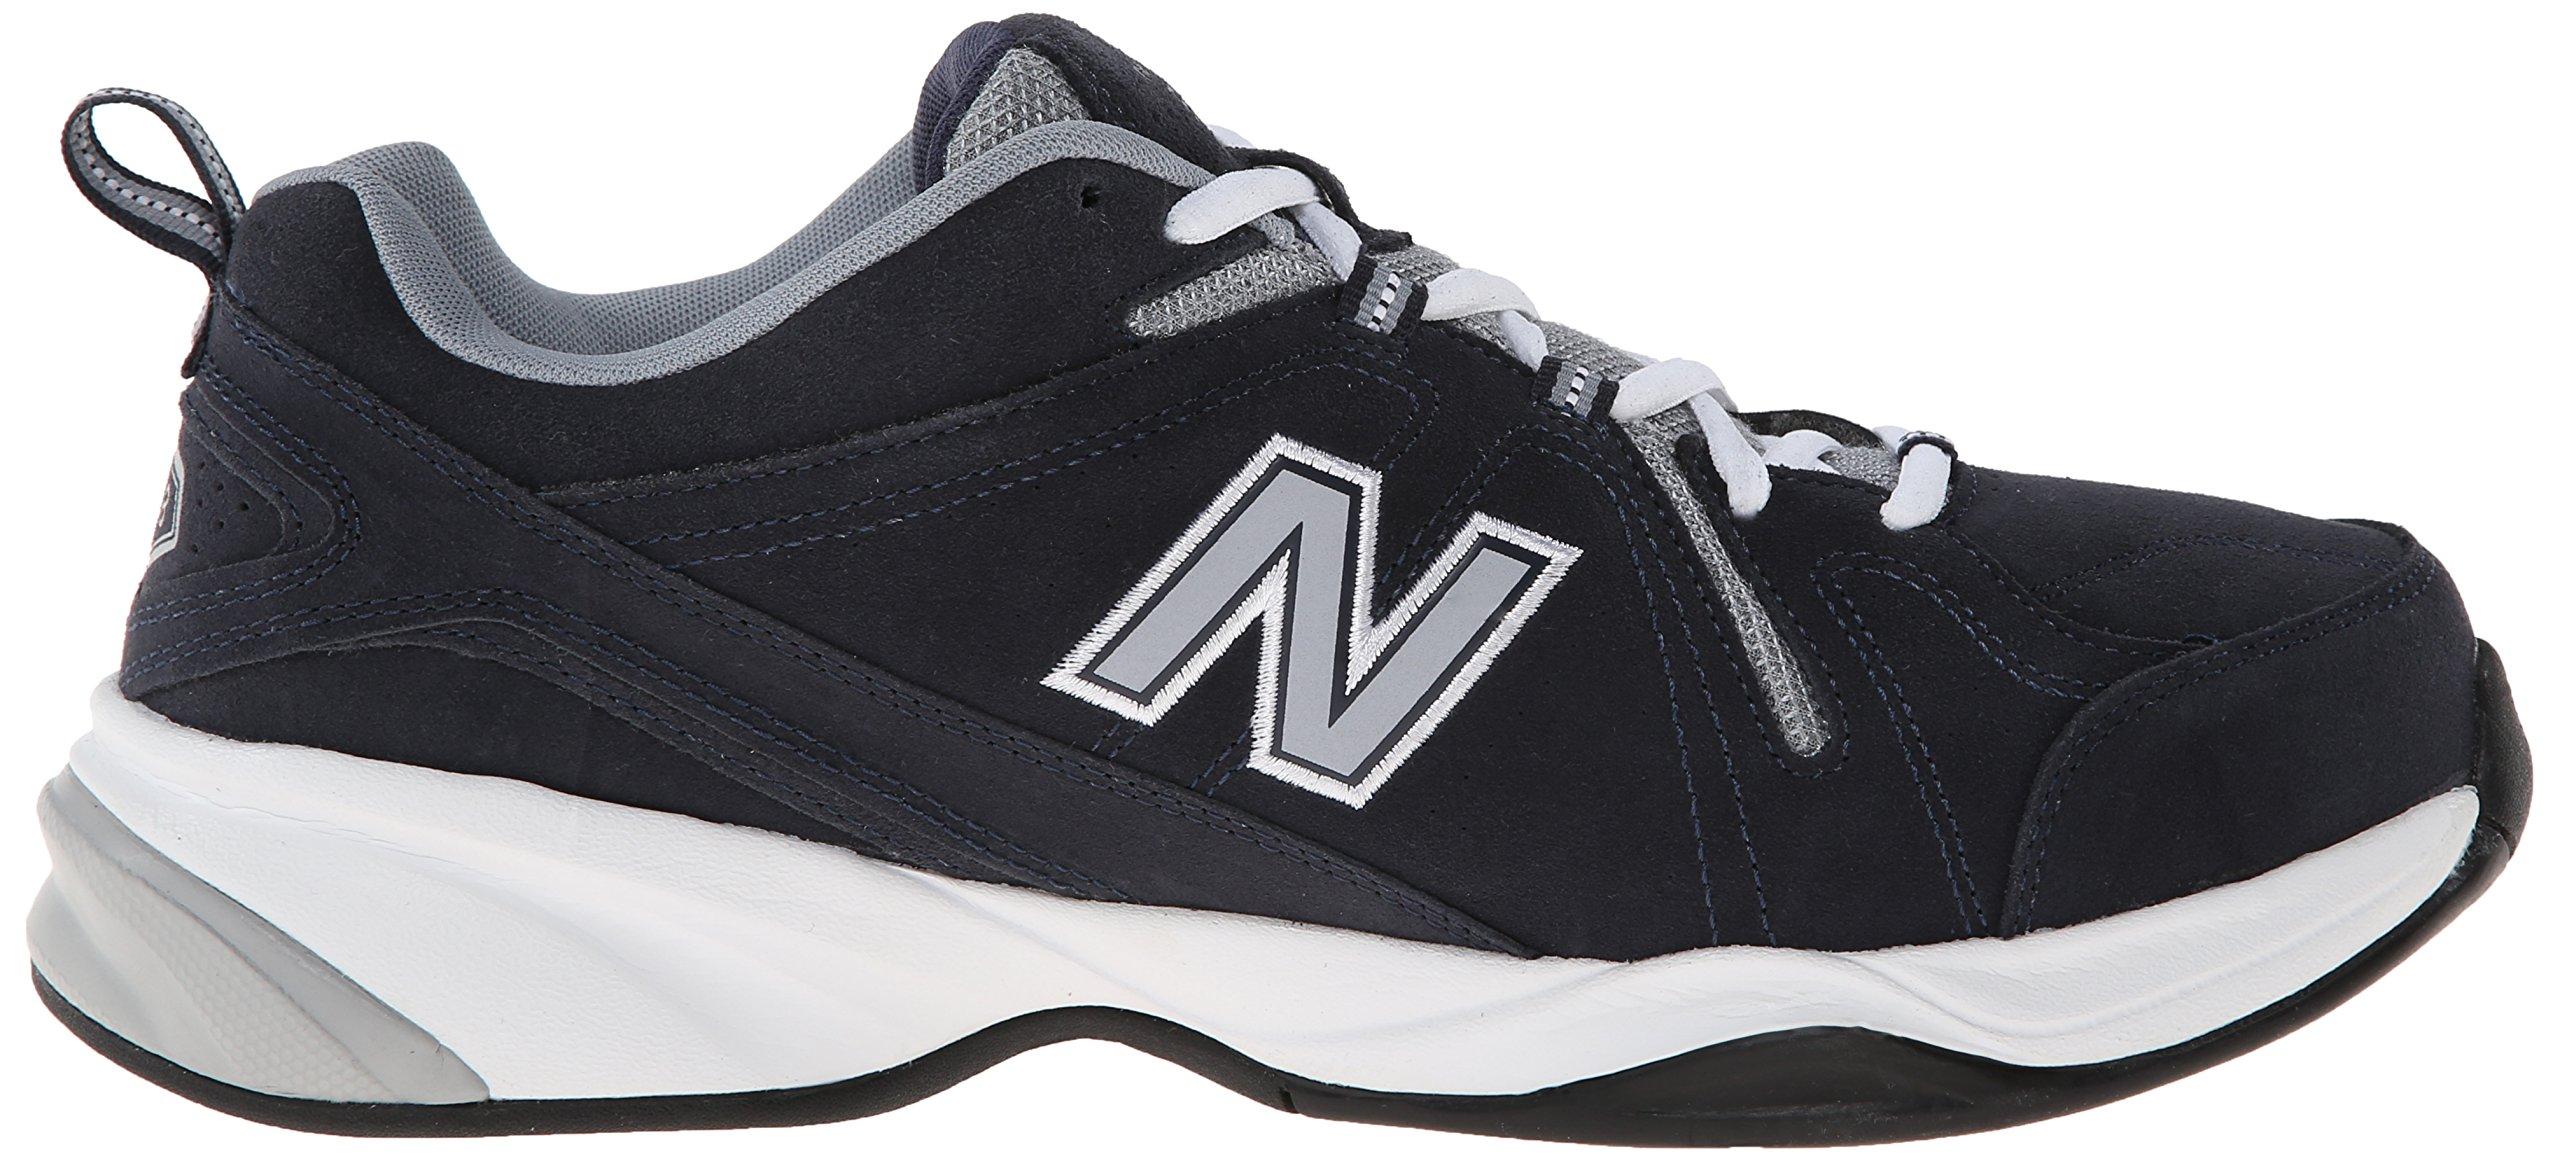 Mens  New Balance Shoe B Uy